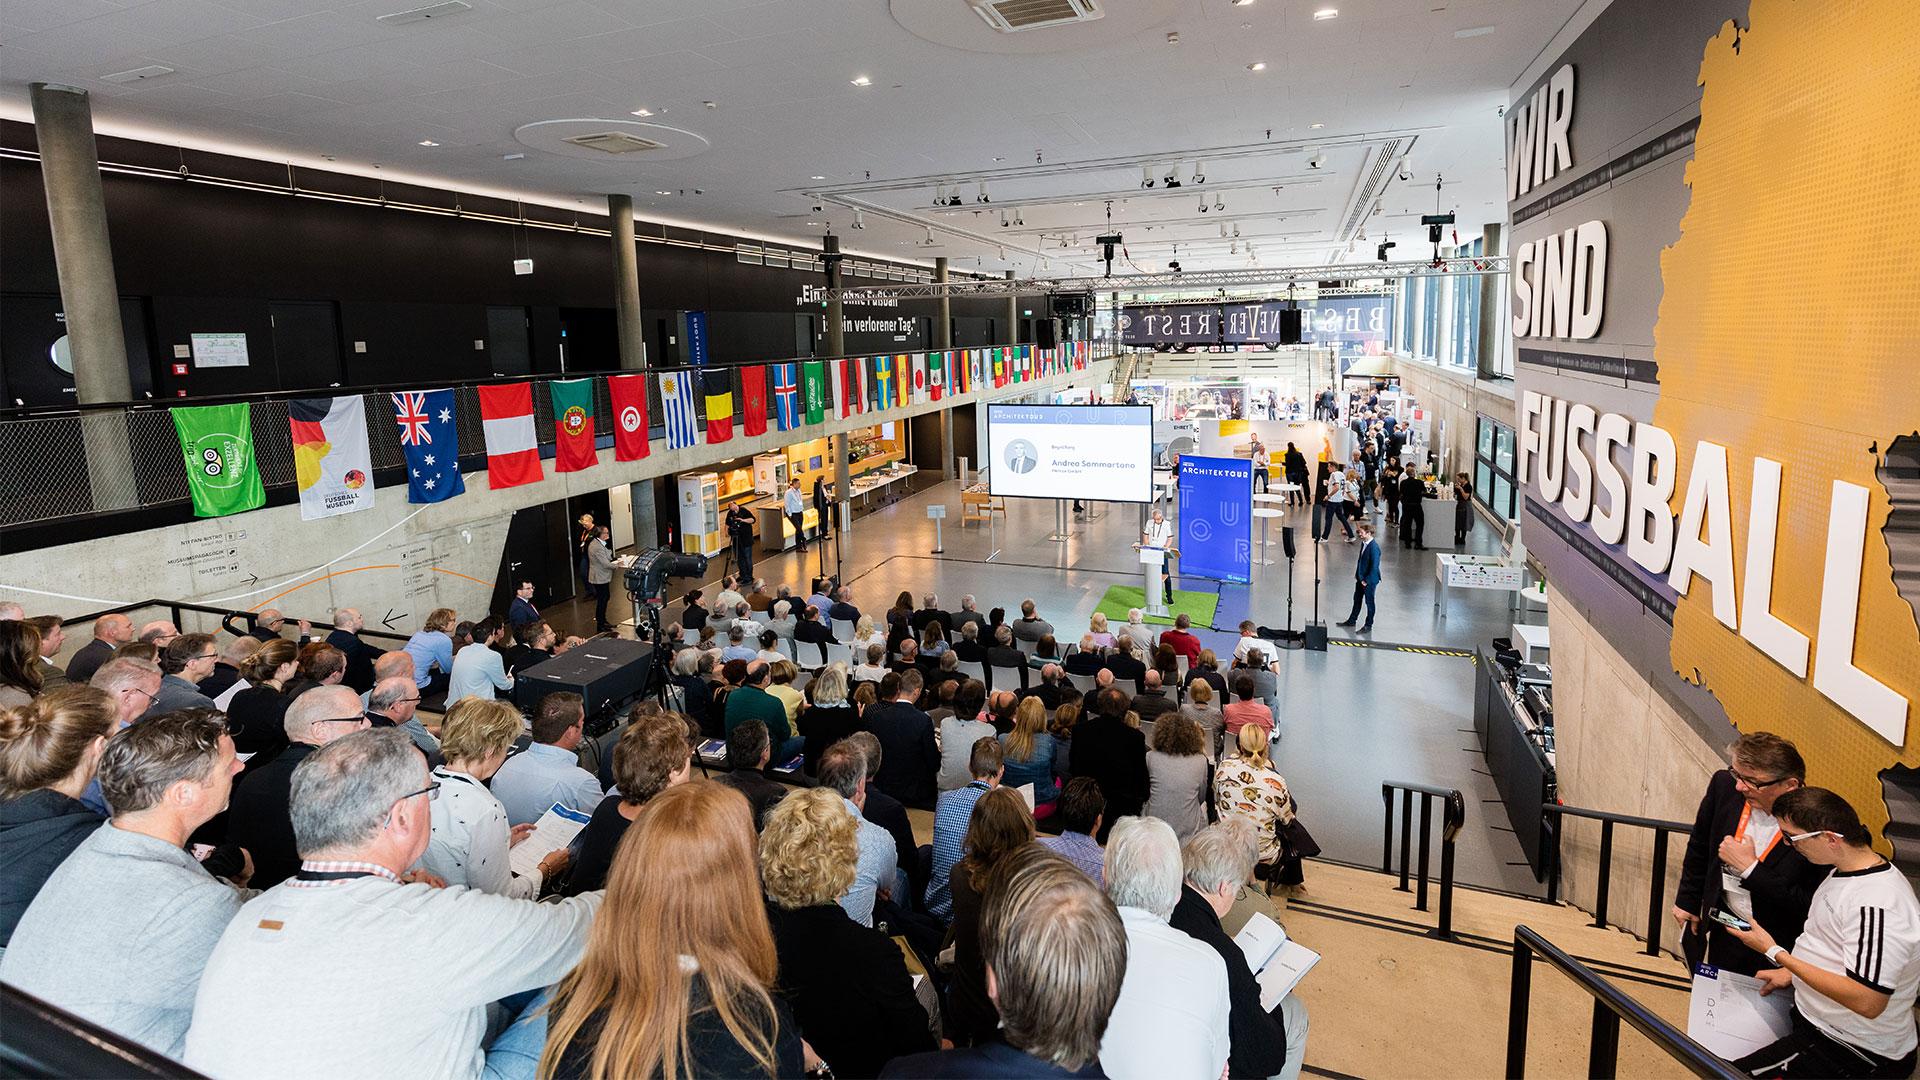 Architektur-Event Heinze ArchitekTOUR in Dortmund mit Beteiligung von PRIMAGAS.